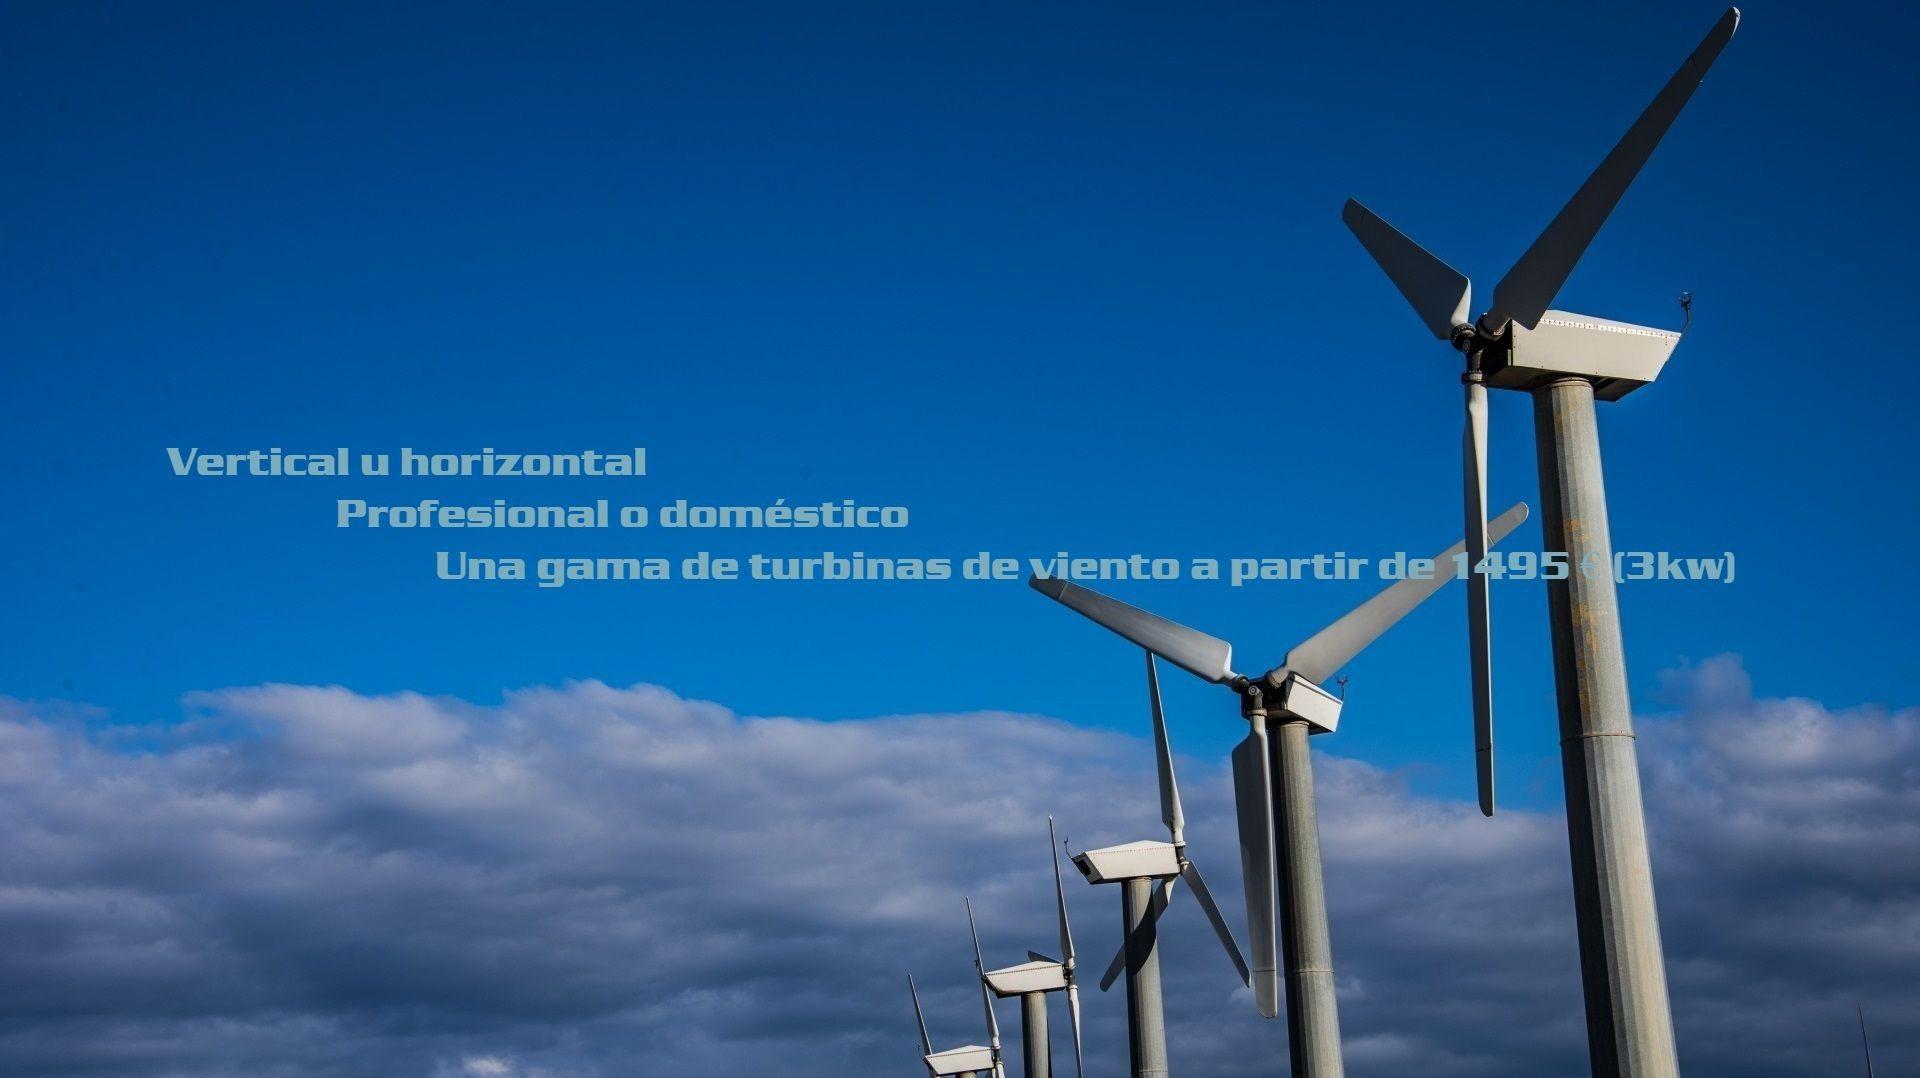 Horizontales y verticales turbinas de viento Flexpro Industry